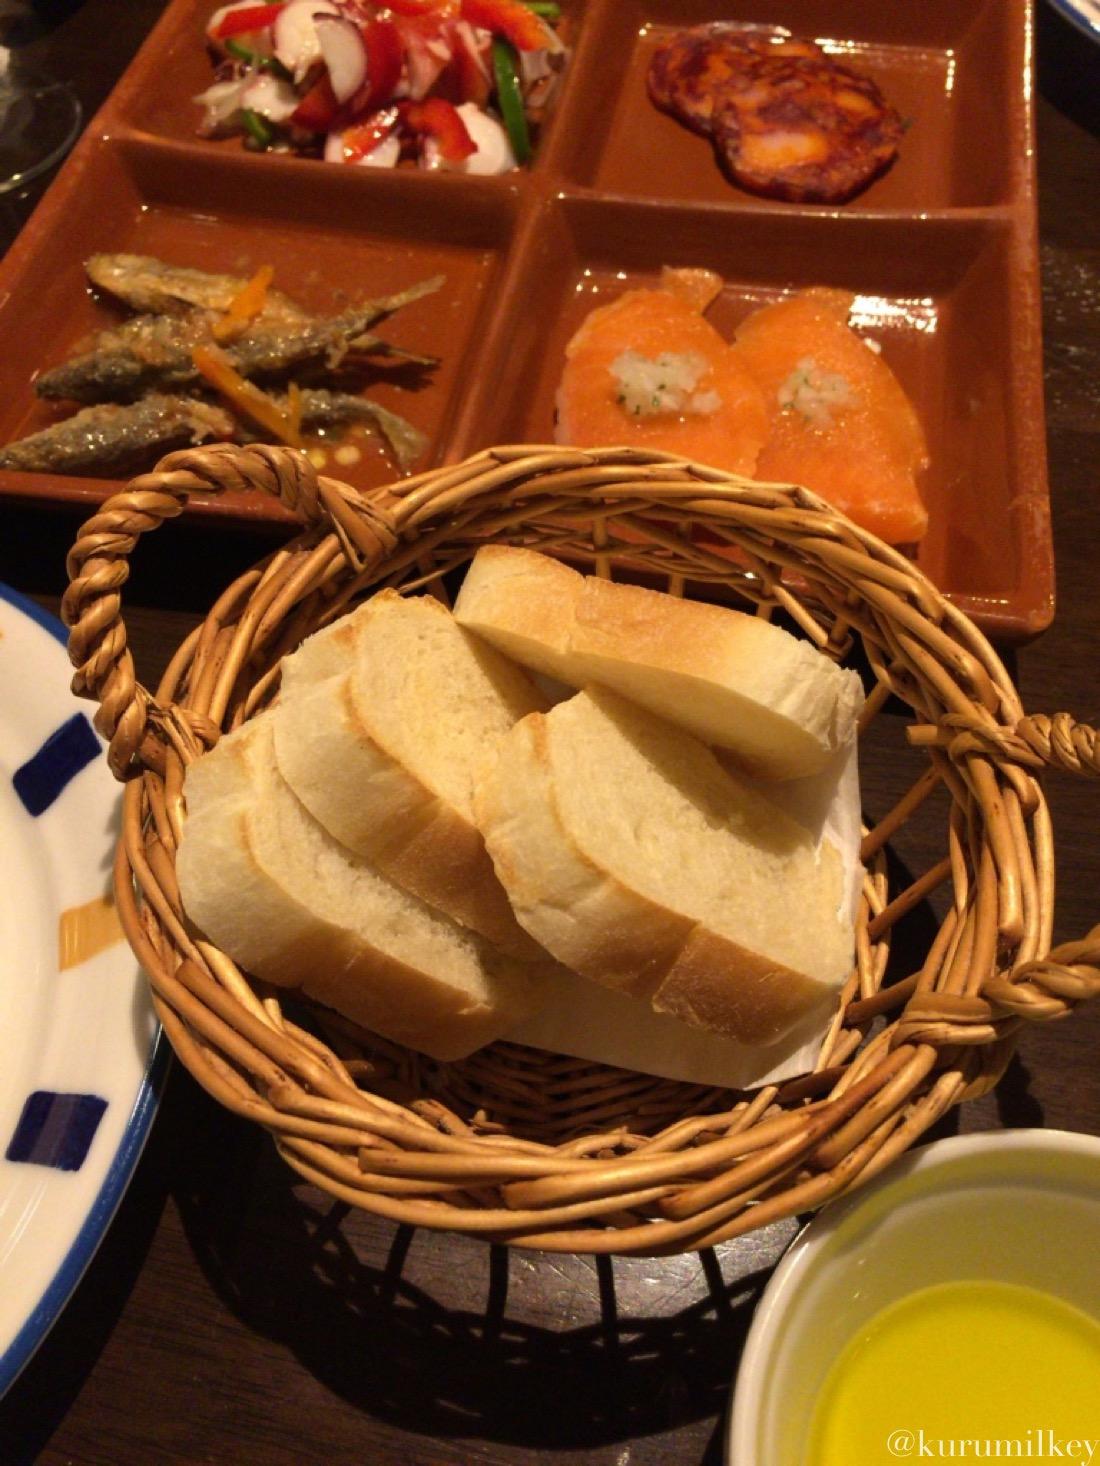 ポルトガル産オリーブオイルとパン